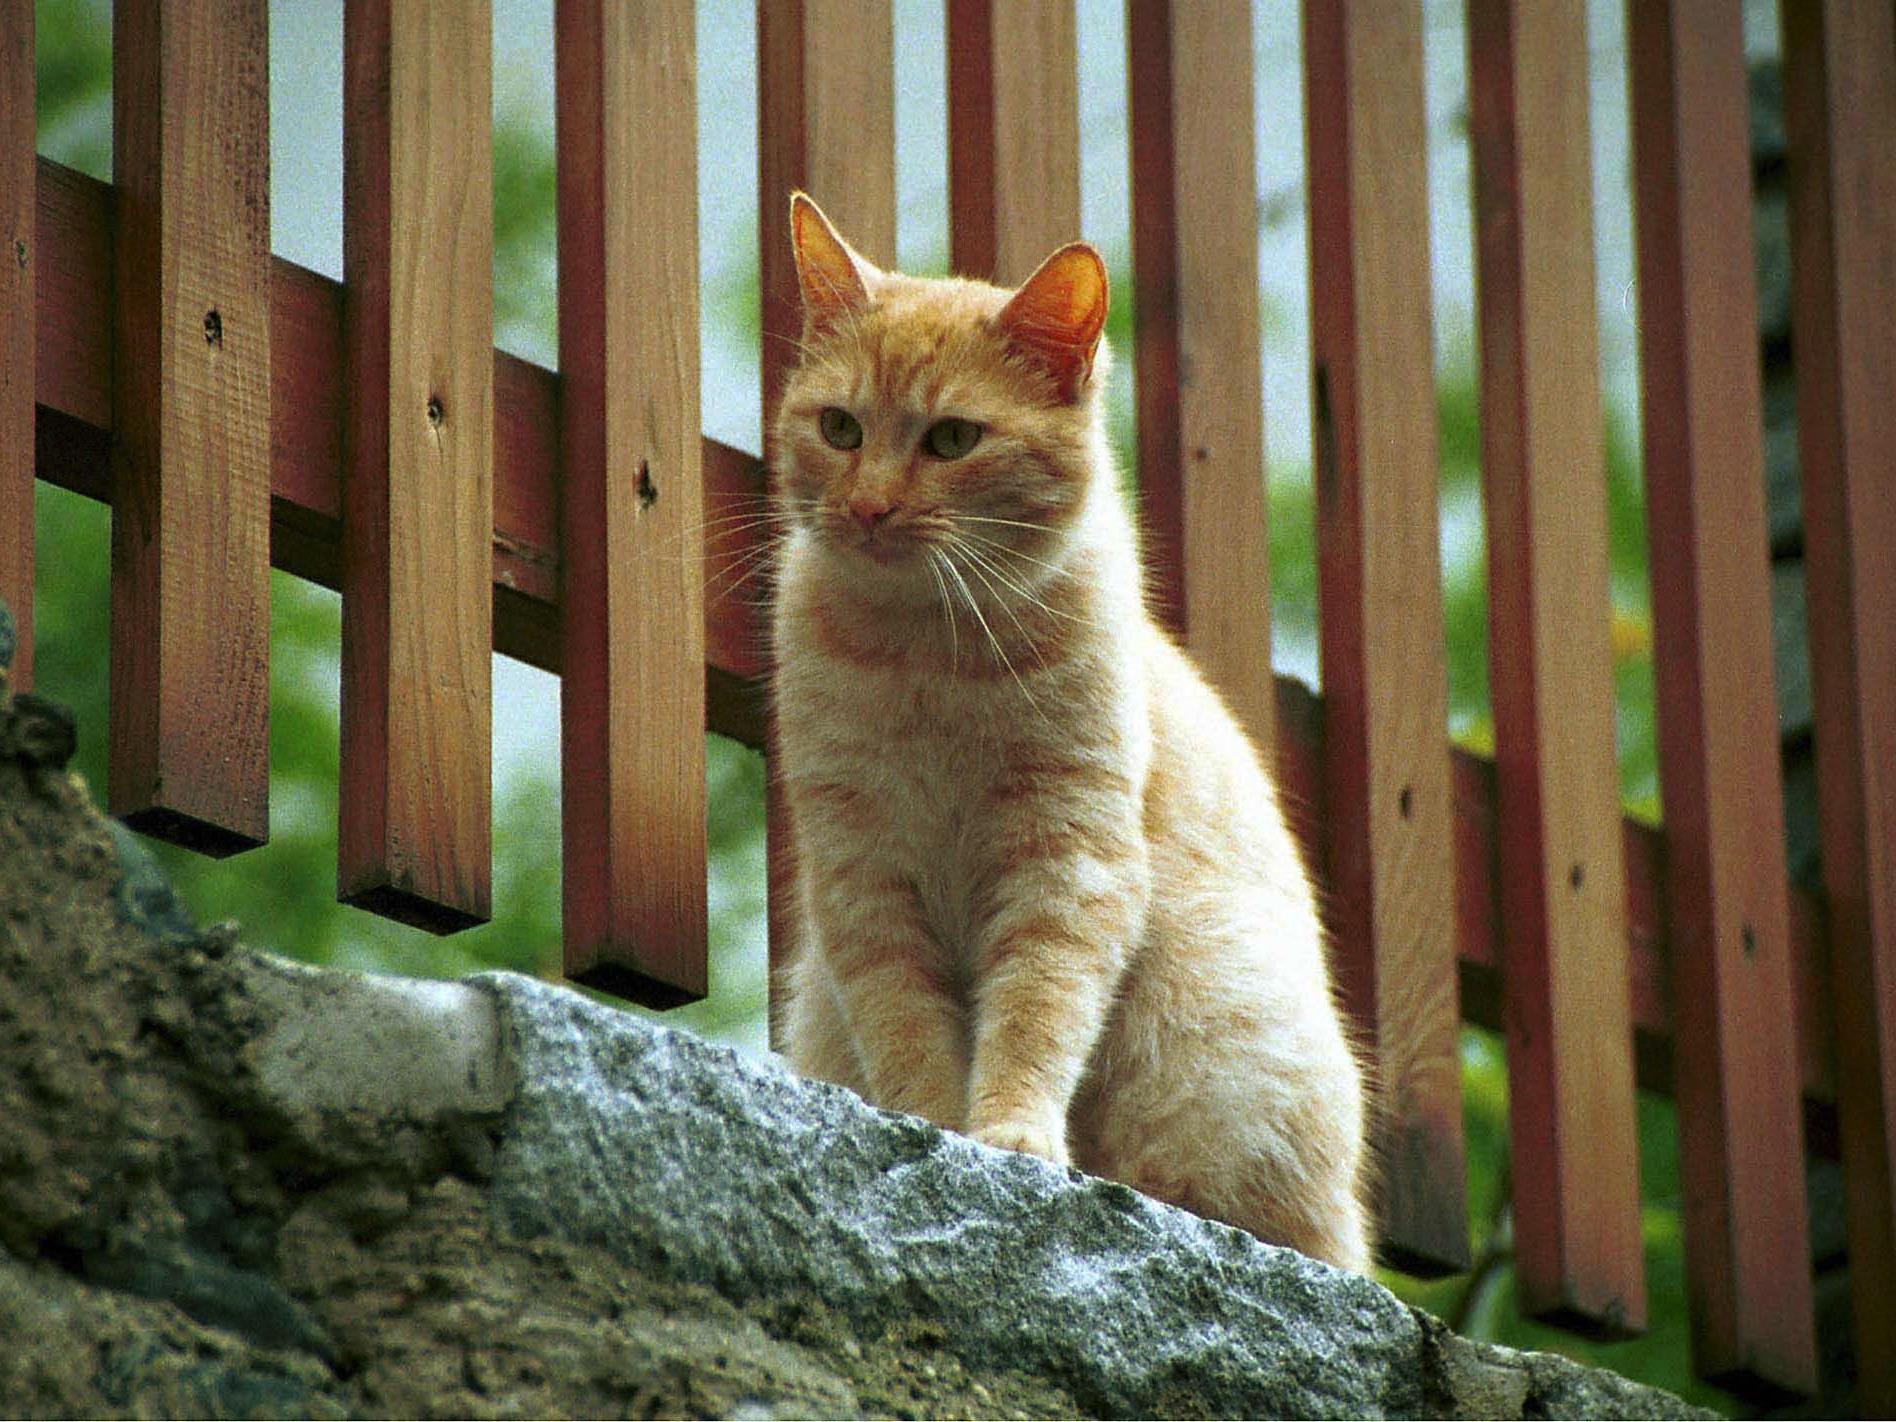 Katze nach vier Tagen befreit (Symbolbild).